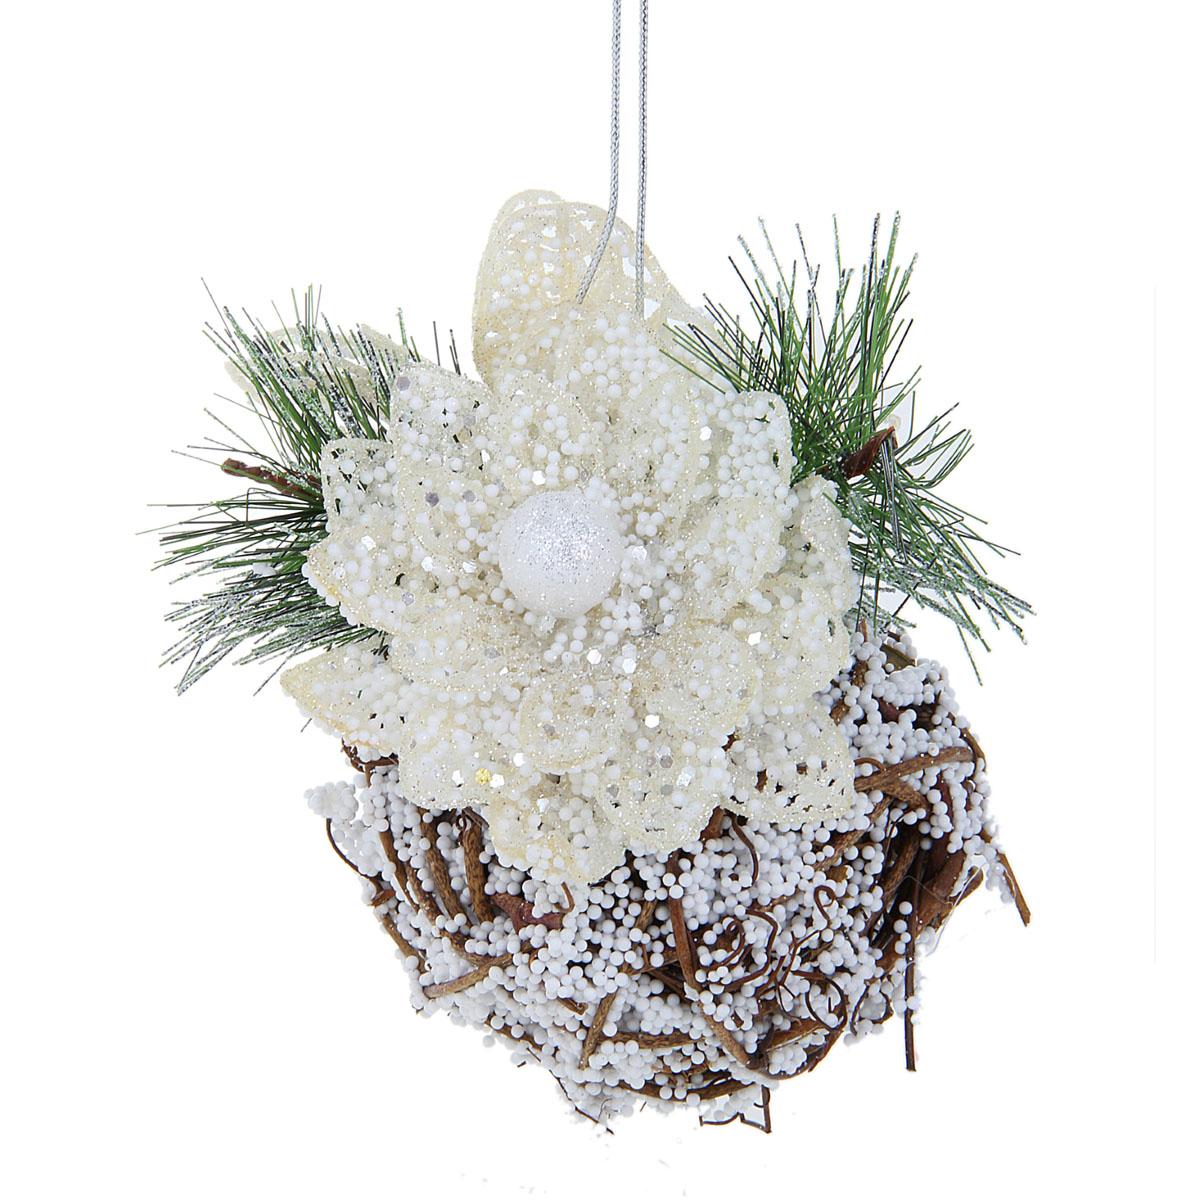 Новогоднее подвесное украшение Sima-land Снежный ком, диаметр 8 см705777Новогоднее украшение Sima-land Снежный ком отлично подойдет для декорации вашего дома и новогодней ели. Игрушка выполнена из веток, скрученных в шар, декорированный пластиковым цветком, декоративными еловыми ветками и имитацией снега из пенопласта. Украшение оснащено текстильной петелькой для подвешивания. Елочная игрушка - символ Нового года. Она несет в себе волшебство и красоту праздника. Создайте в своем доме атмосферу веселья и радости, украшая всей семьей новогоднюю елку нарядными игрушками, которые будут из года в год накапливать теплоту воспоминаний. Коллекция декоративных украшений из серии Зимнее волшебство принесет в ваш дом ни с чем не сравнимое ощущение праздника!